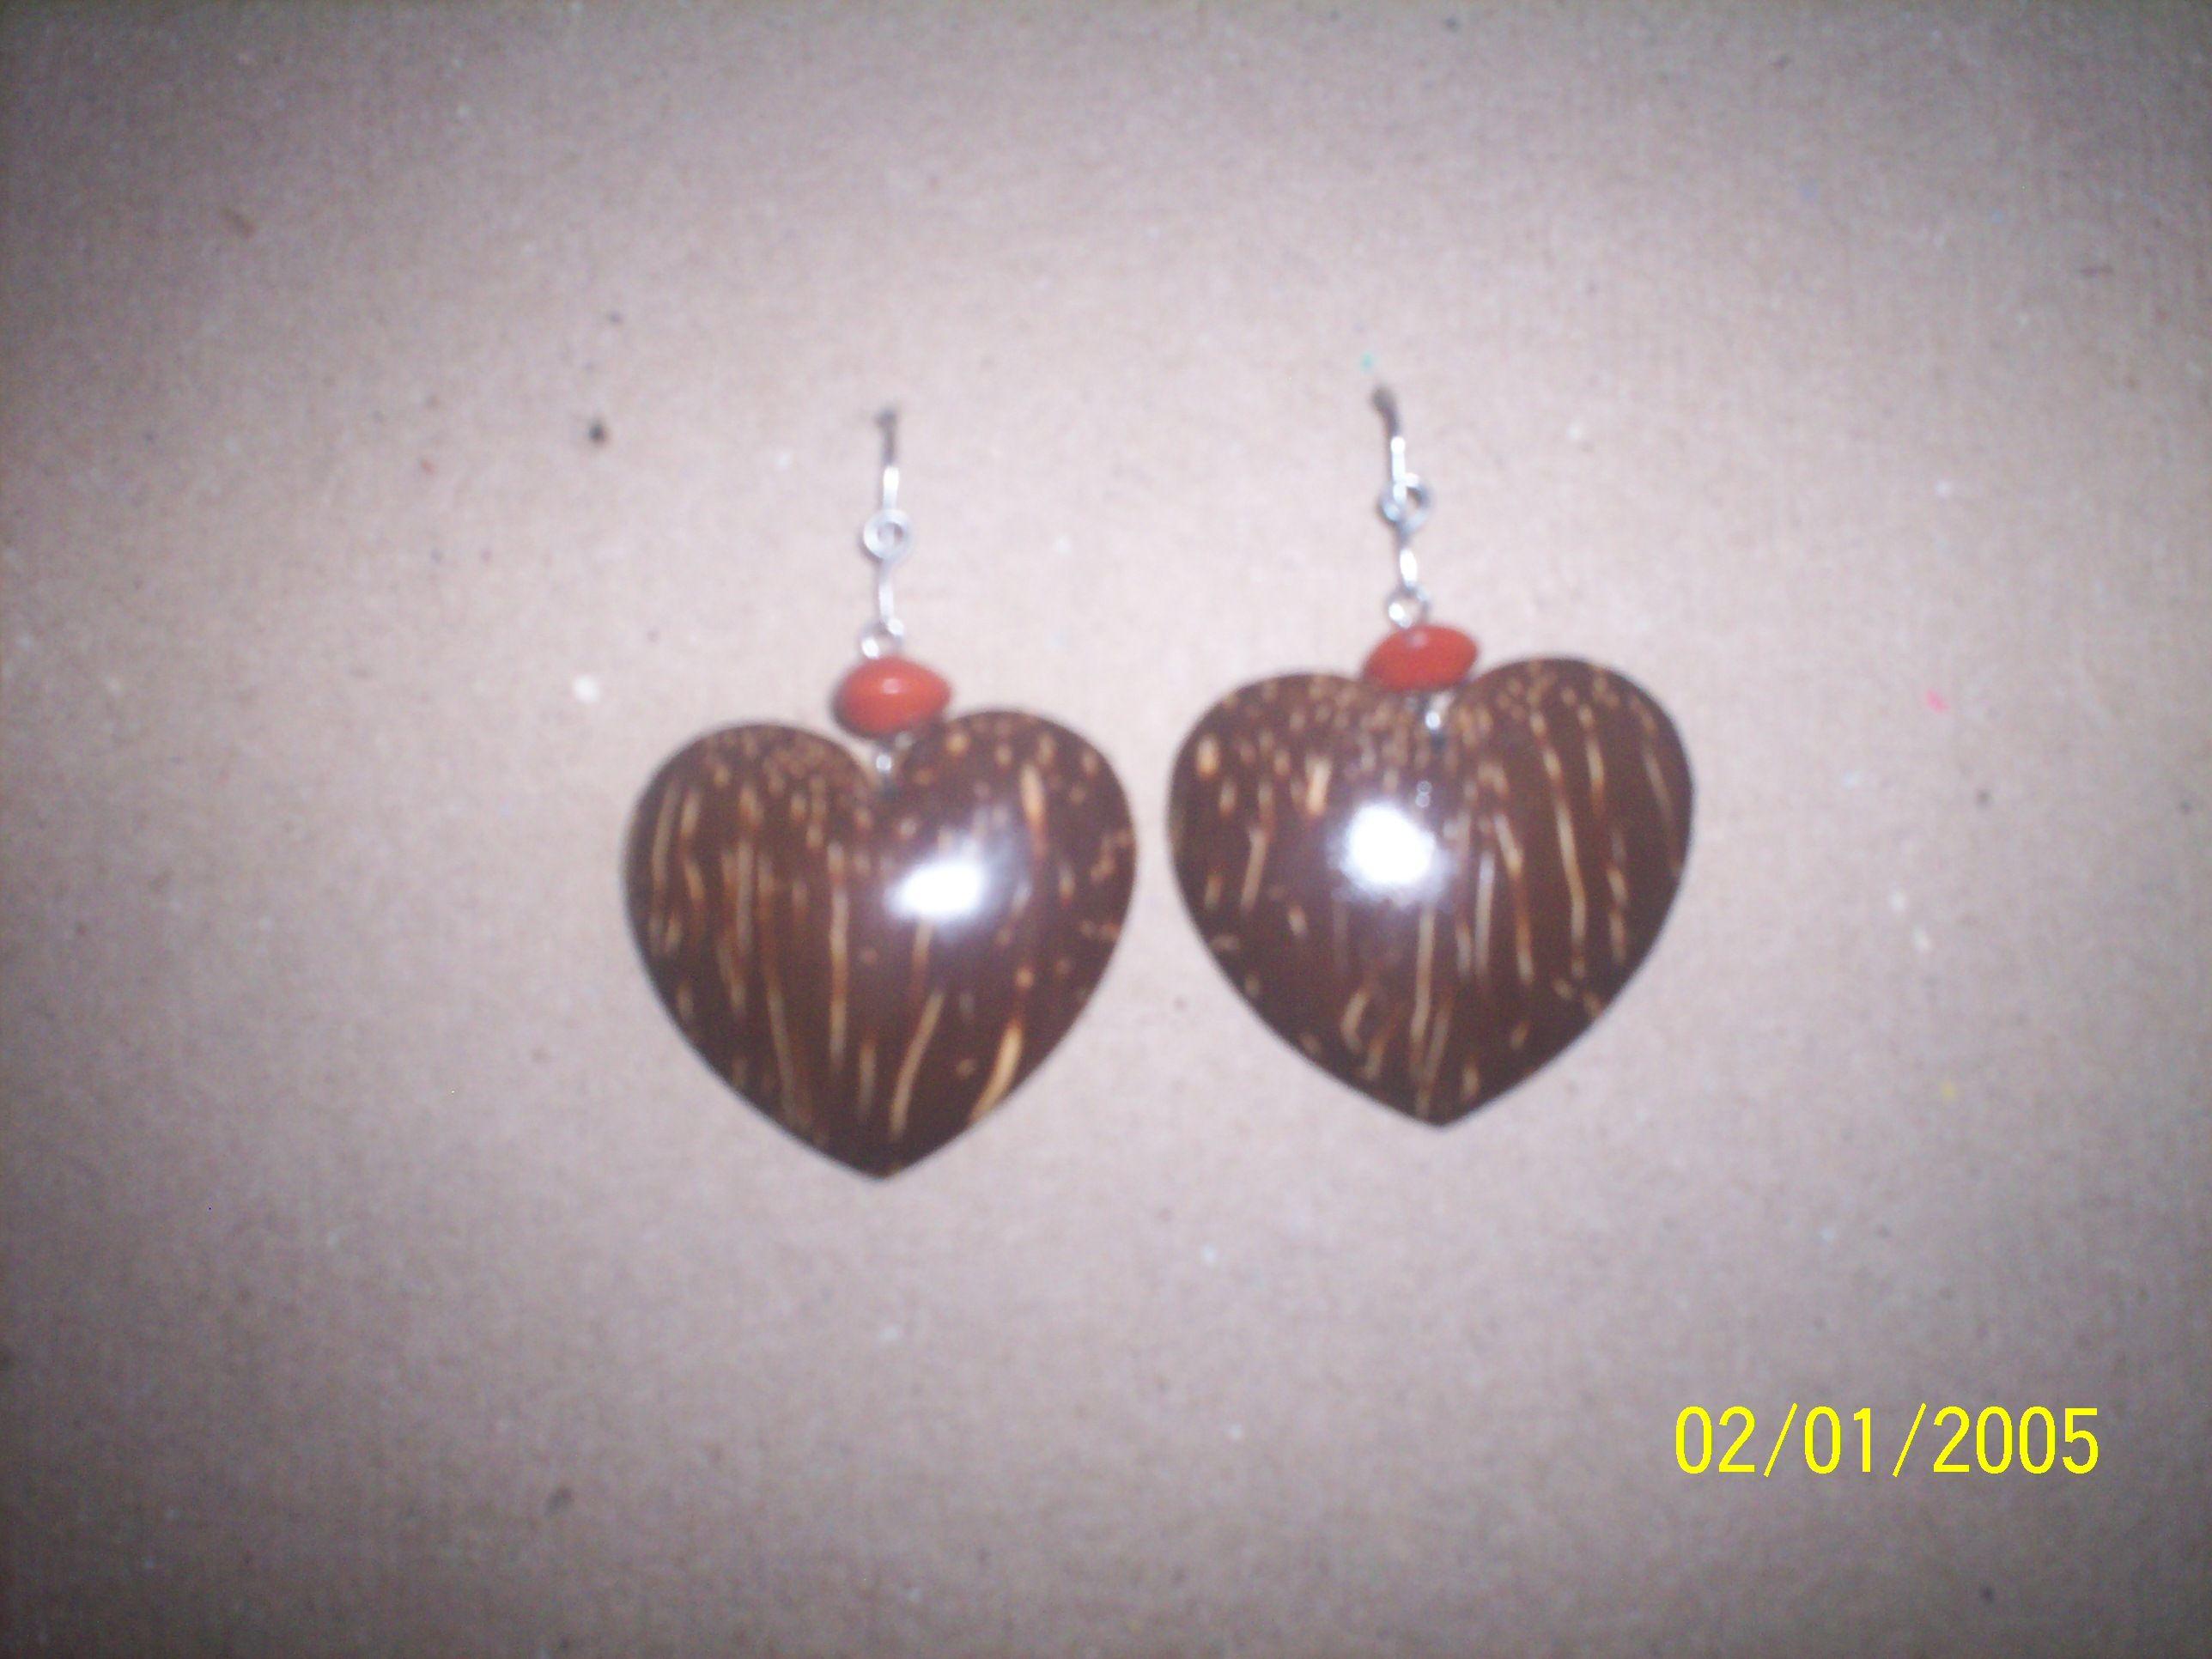 Brincos feitos artesanalmente com casca de coco